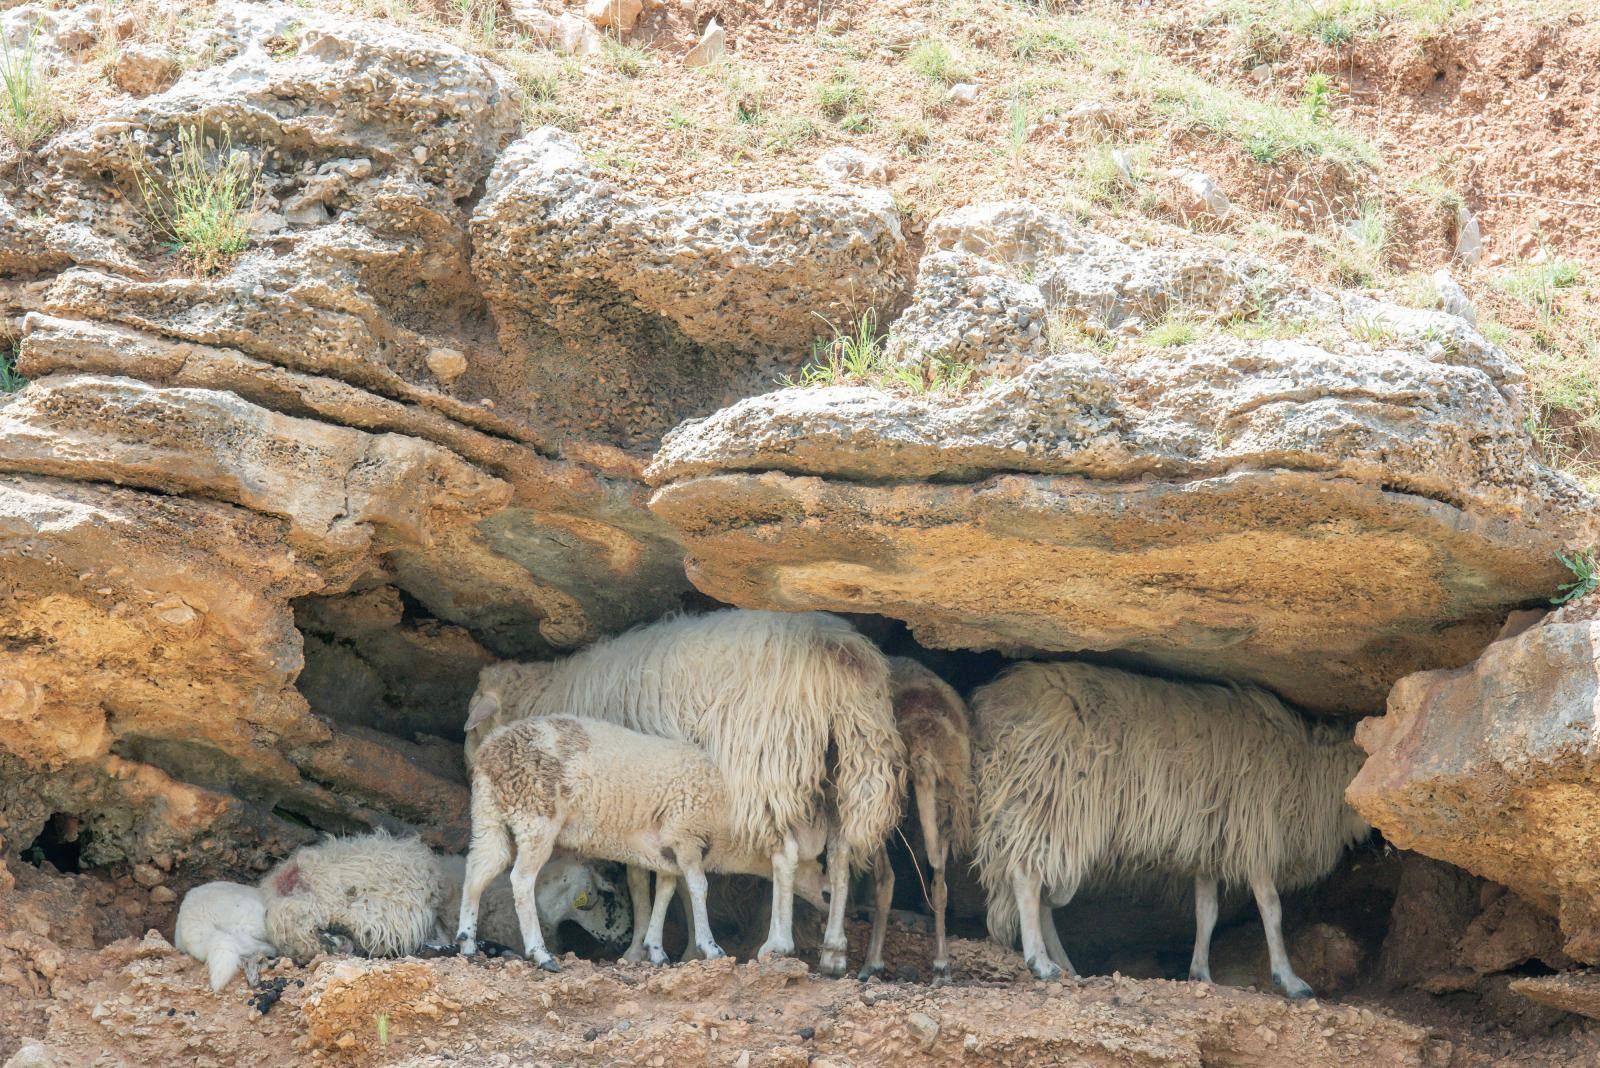 Pasje vrućine? Na Pagu vladaju ovčje: Traže hlad u stijenama